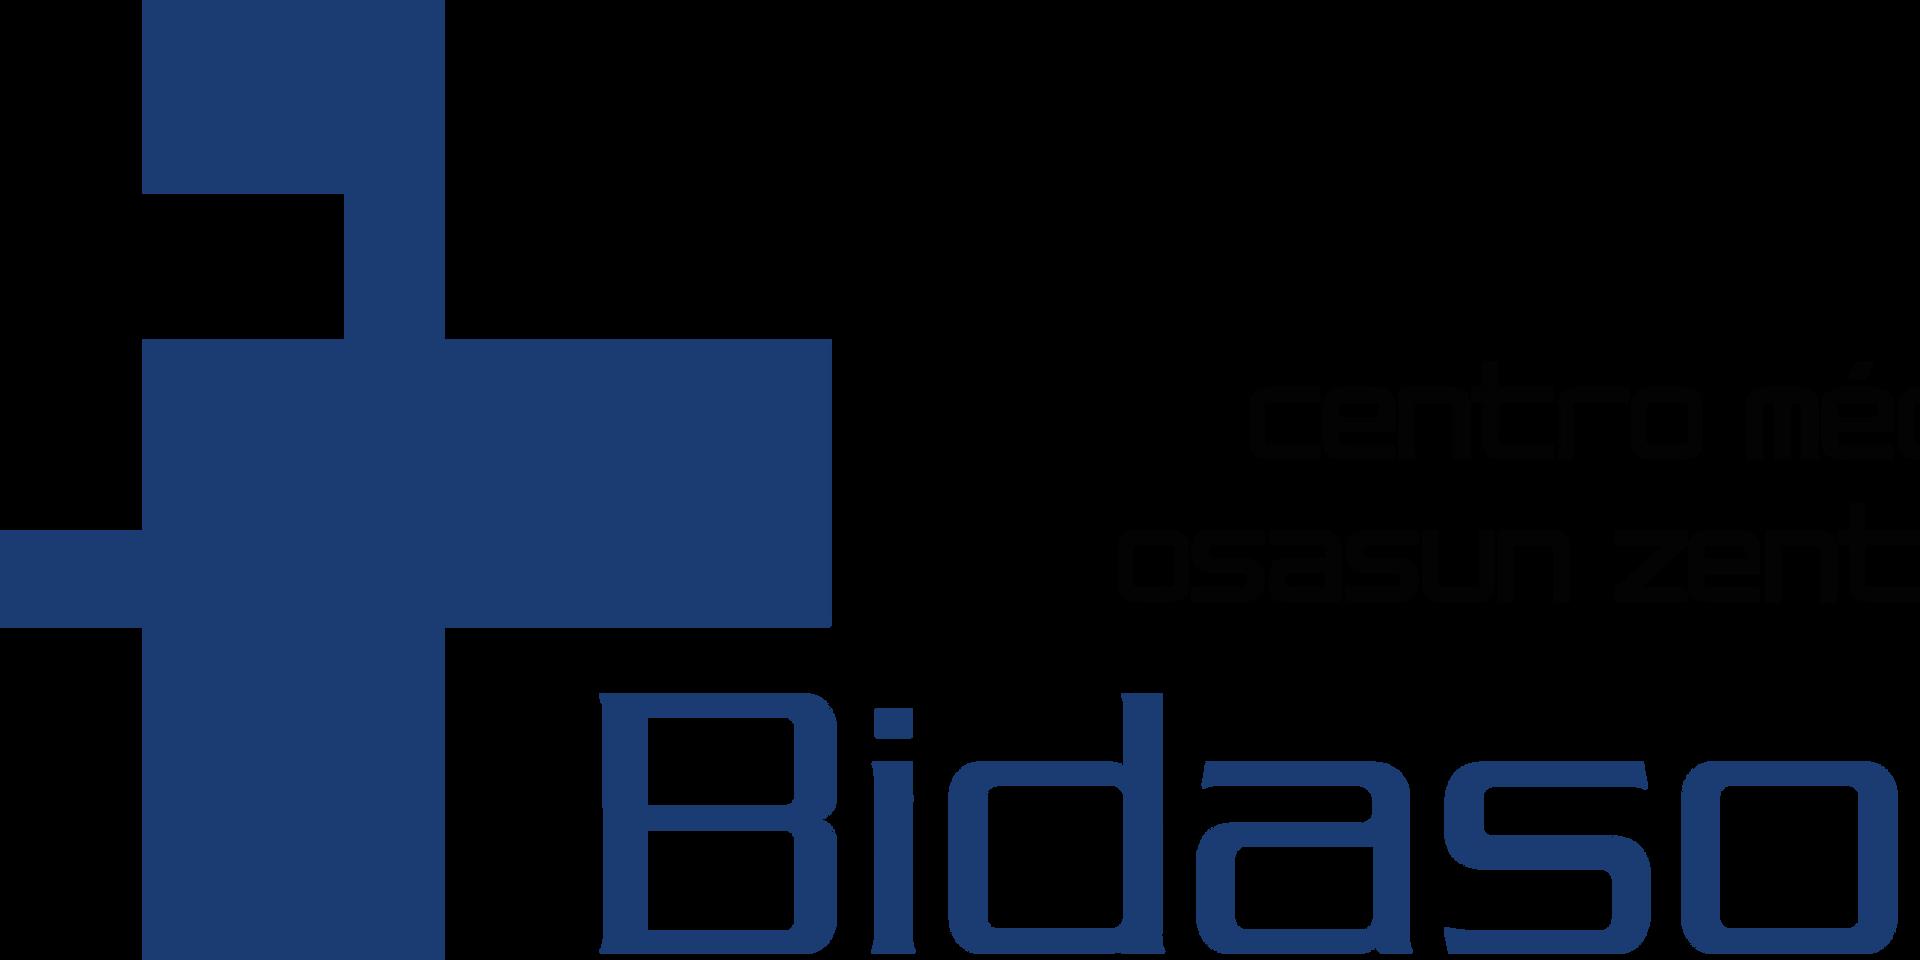 logo_centro_medico_bidasoa.png